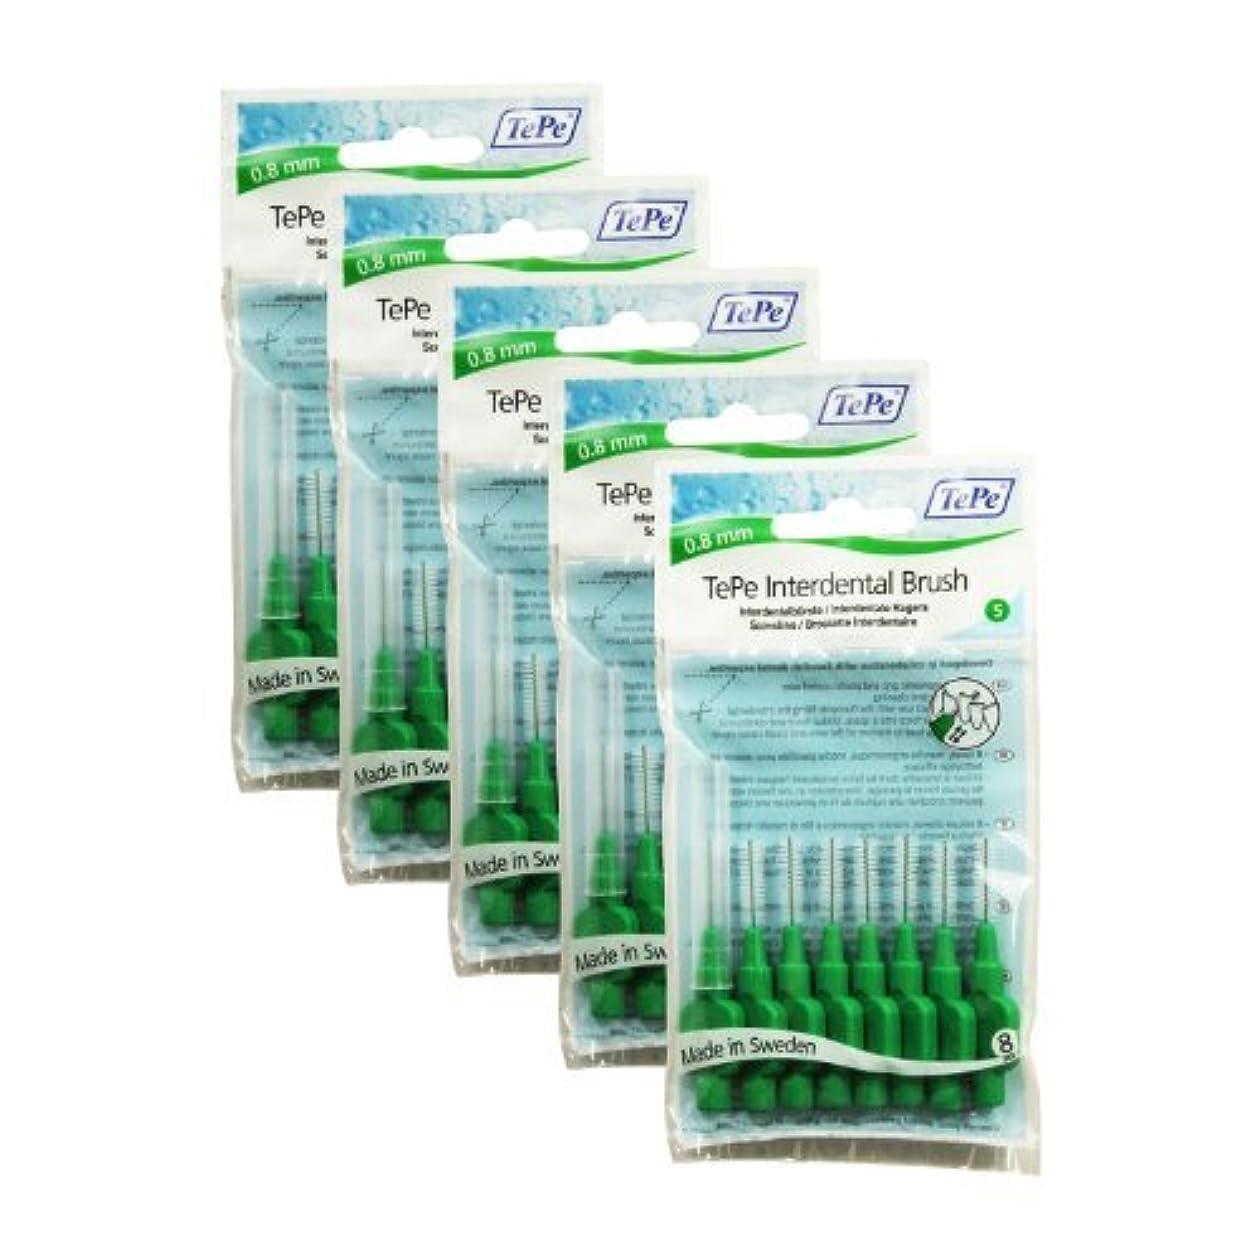 アロングスピンマウスTePe Original Interdental Brushes, Green (0.8 mm), 40 by TePe